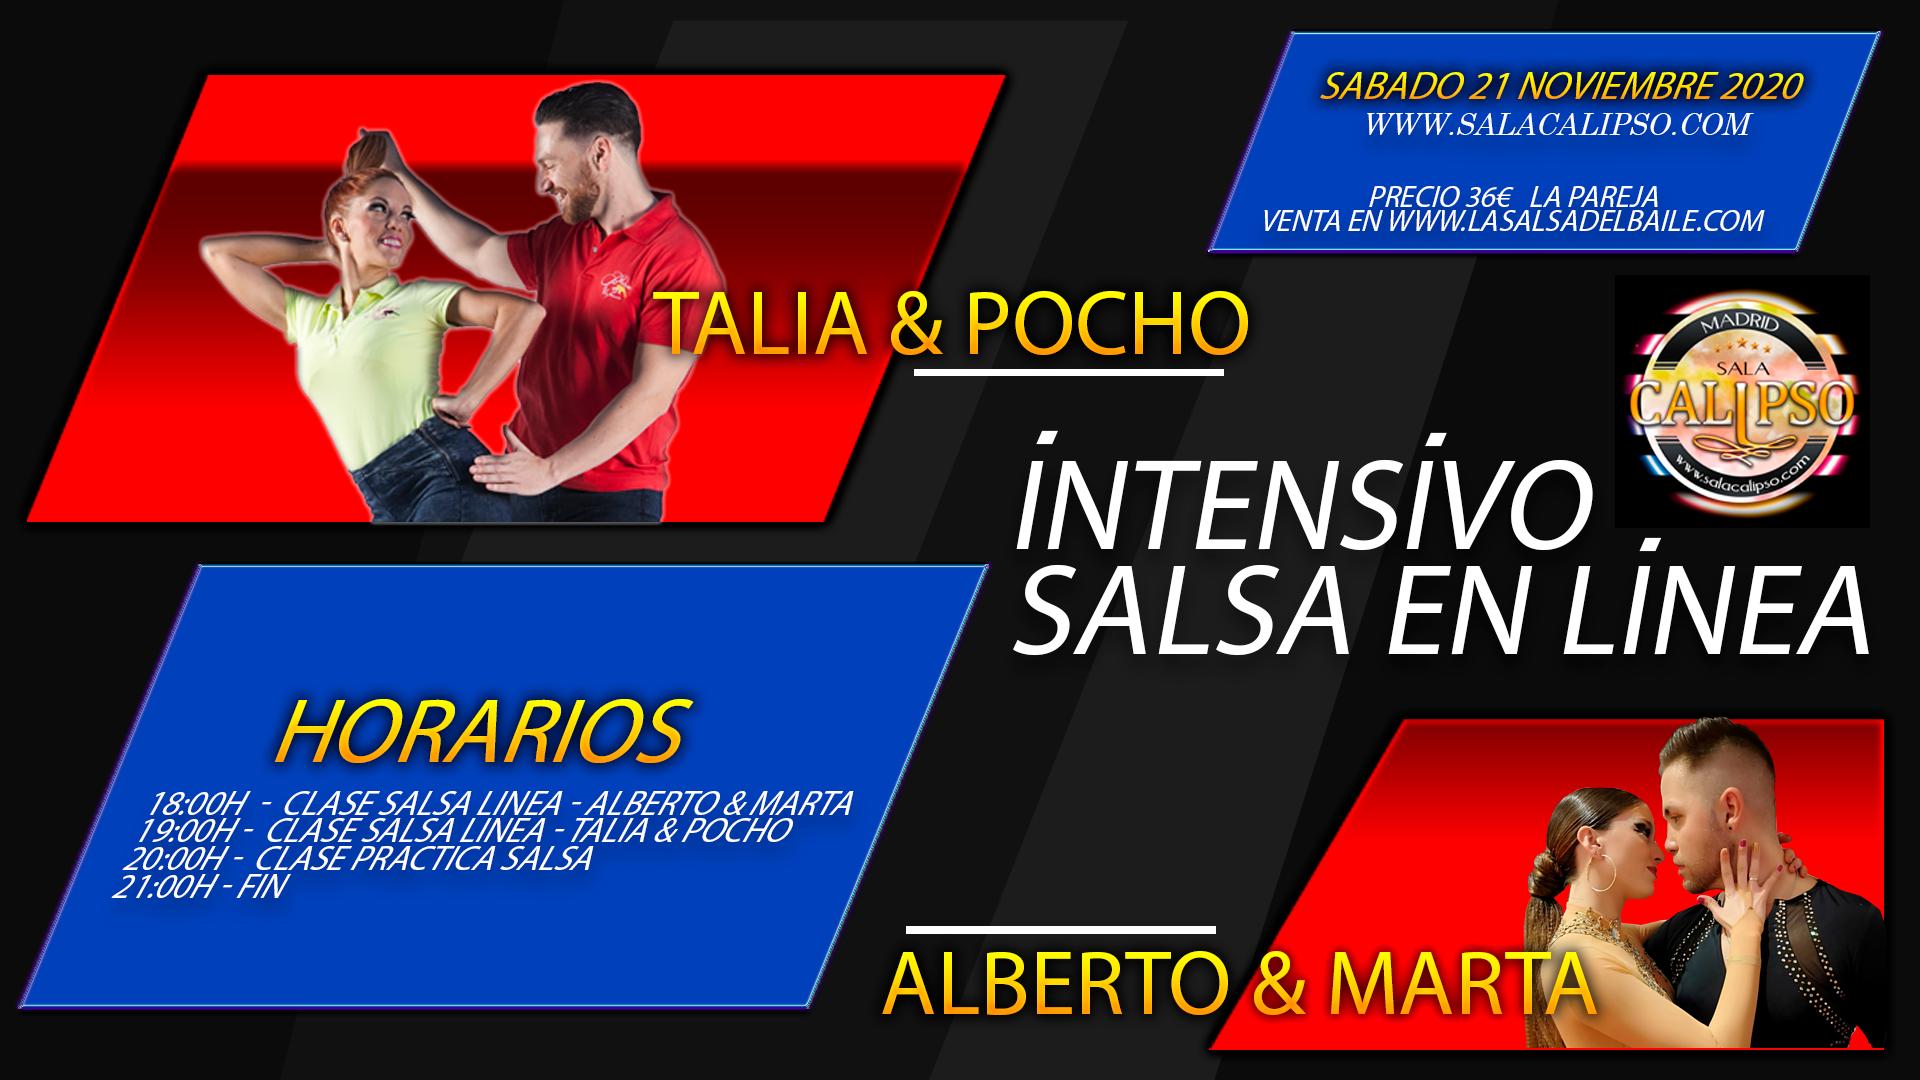 Intensivo SALSA LINEA - Sabado 21 Noviembre 2020